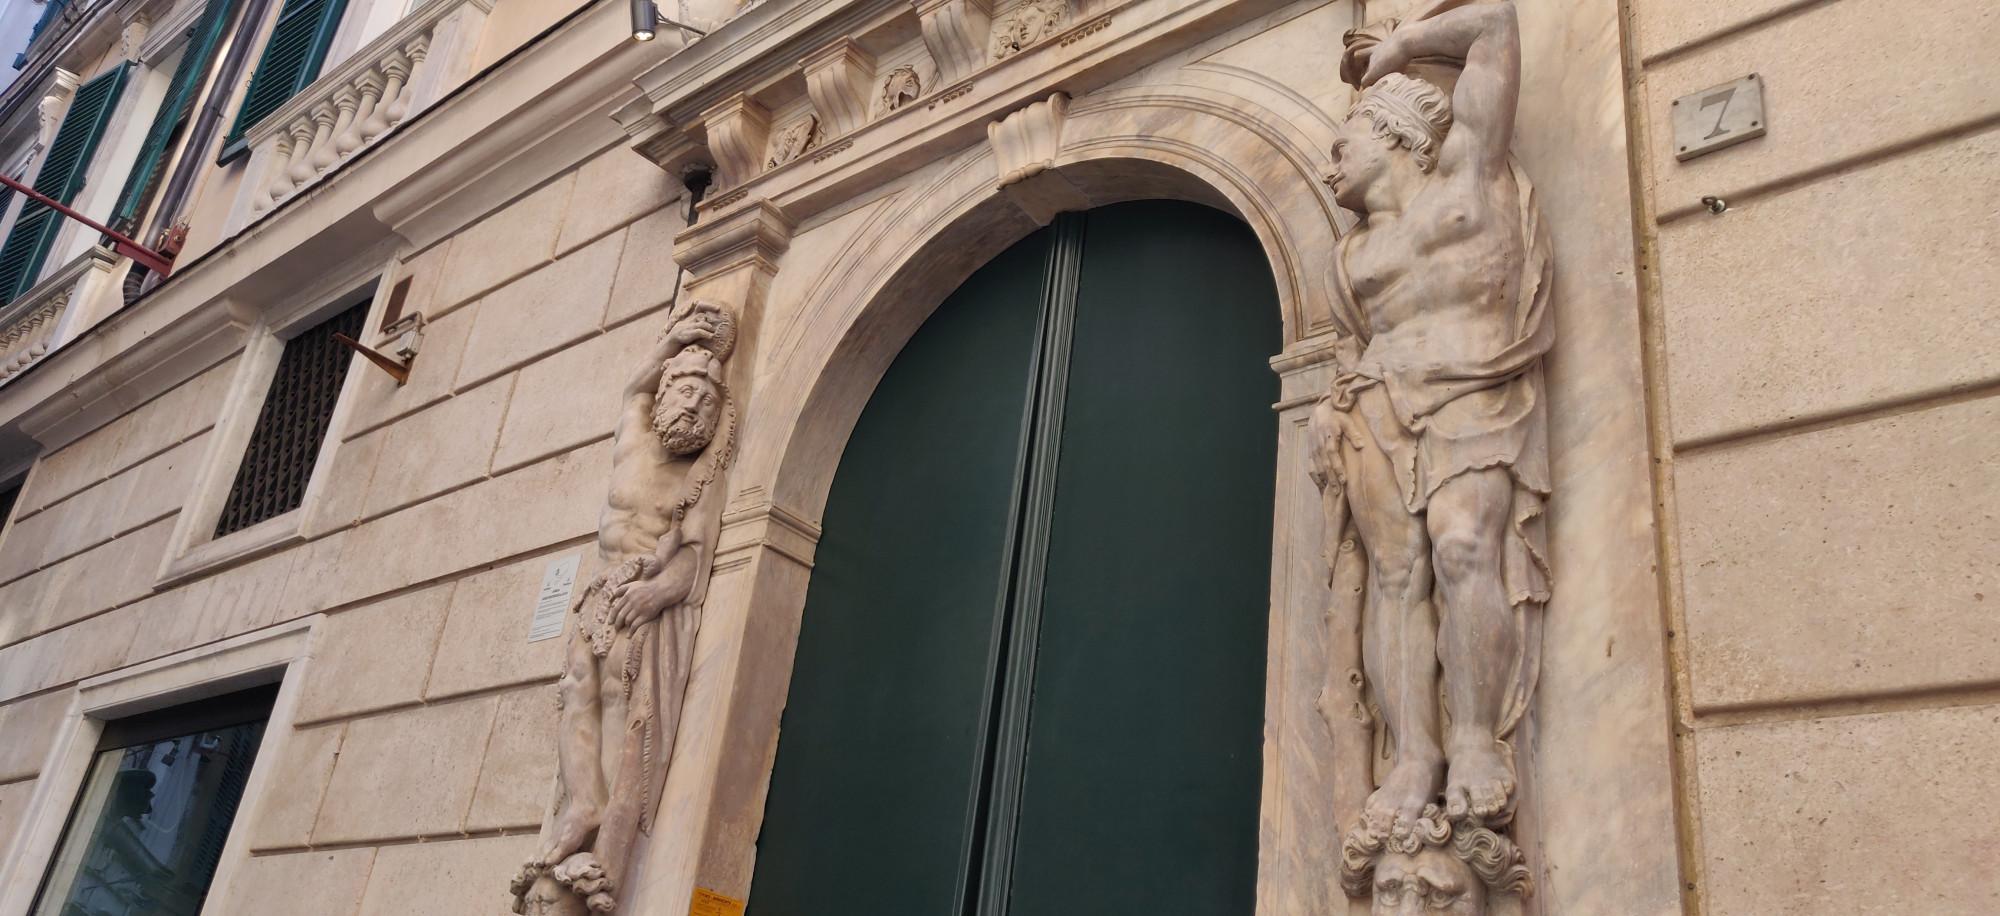 Такие мраморные украшения дверей в Генуе на каждом шагу